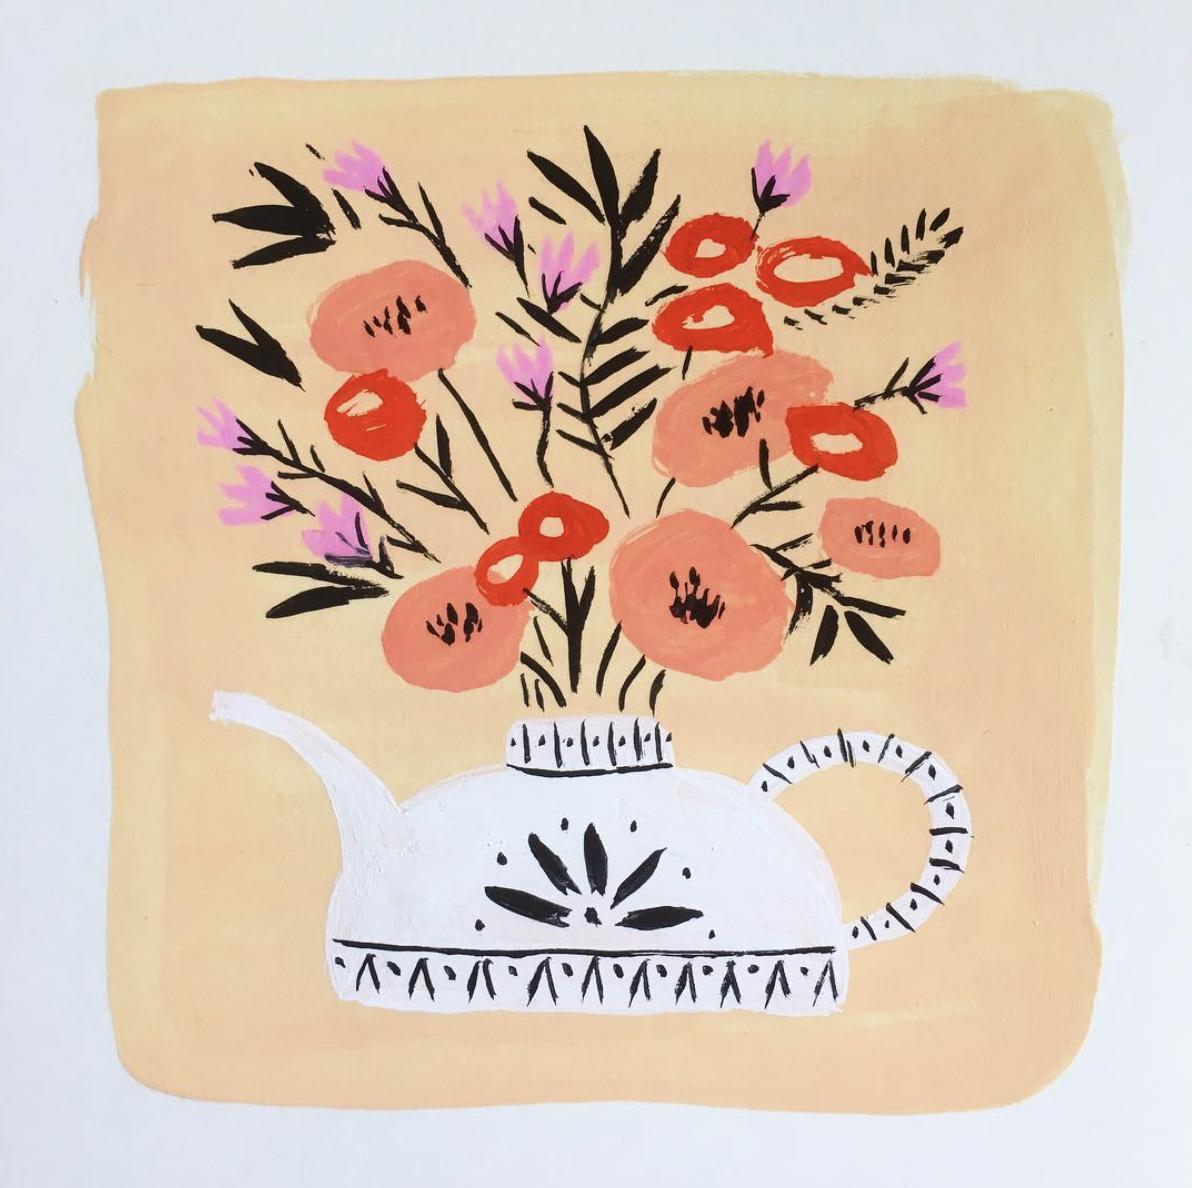 Amanda Smith Illustration